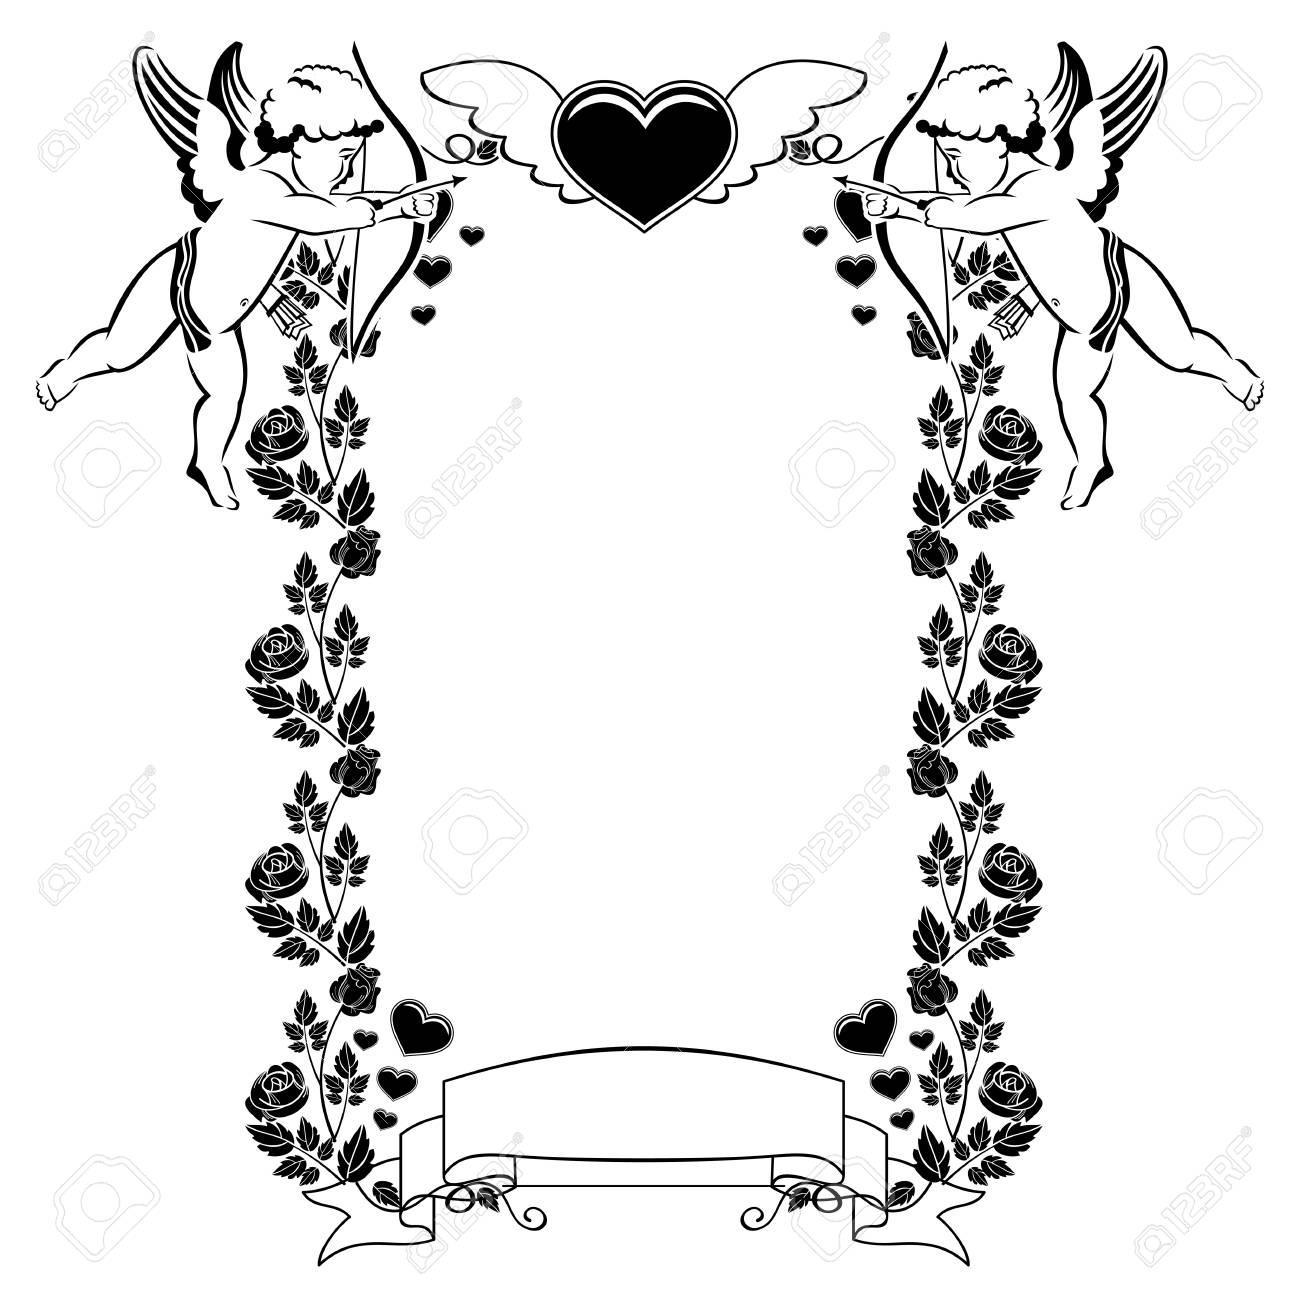 Marco Blanco Y Negro De San Valentín Con Corazones Y Cupido Espacio